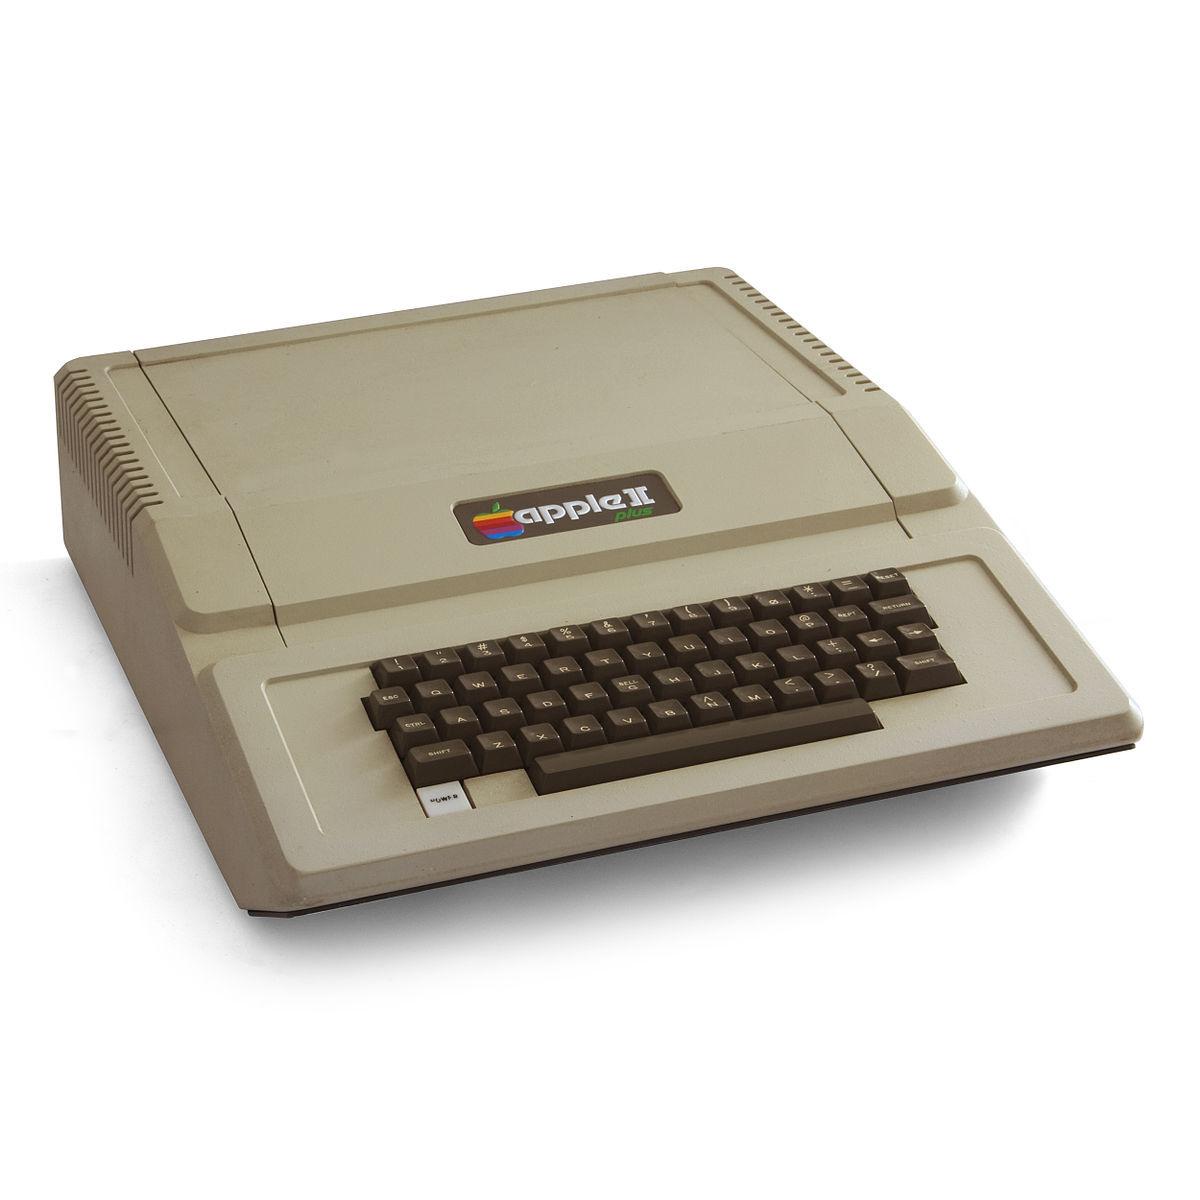 คู่มือ Apple II ที่ลงนามโดย สตีฟ จ็อบส์ ถูกประมูลไปมากกว่า 26 ล้านบาท